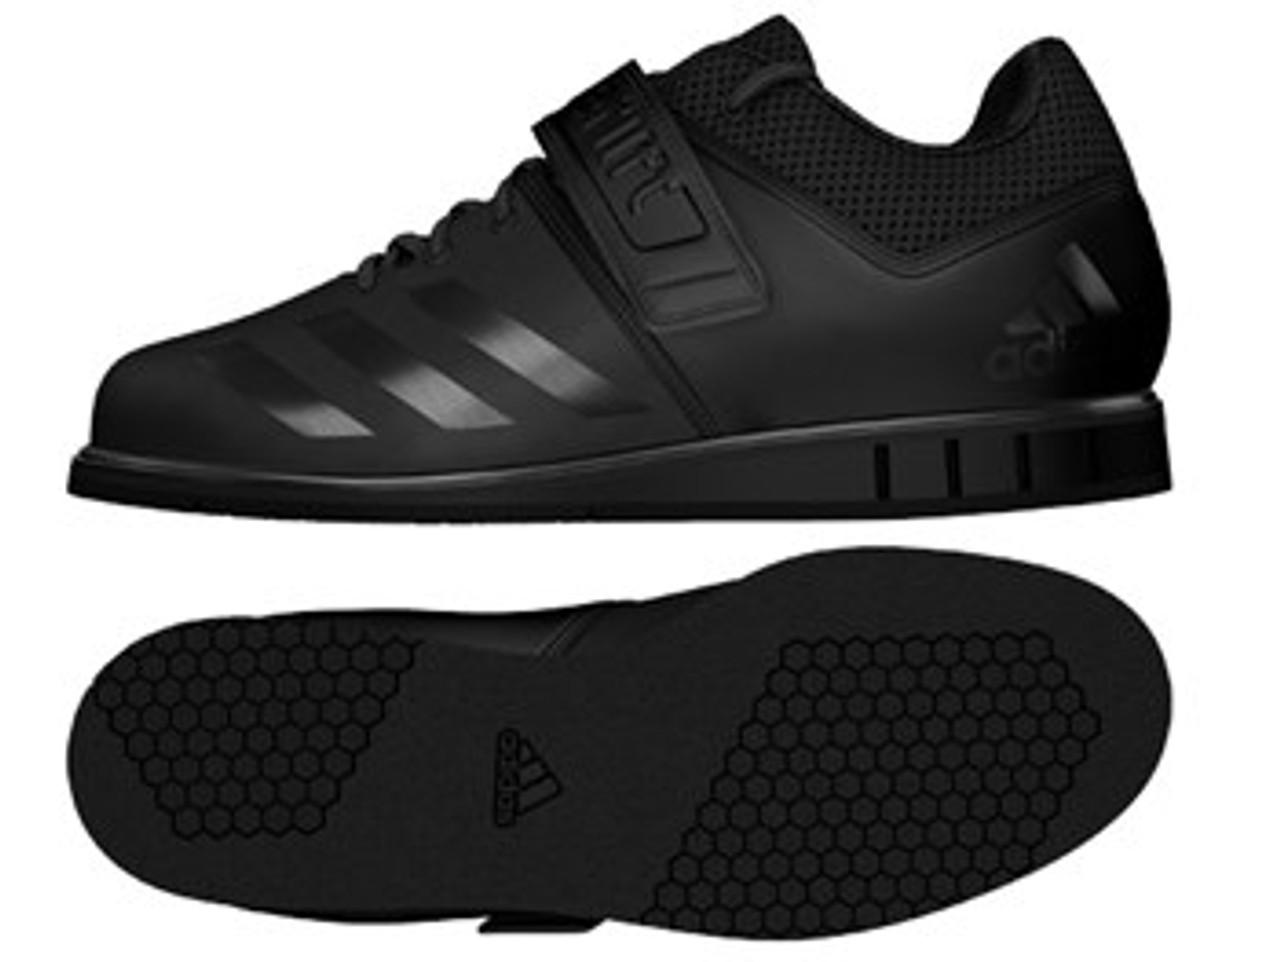 Adidas Powerlift 3 Black Battle Box UK